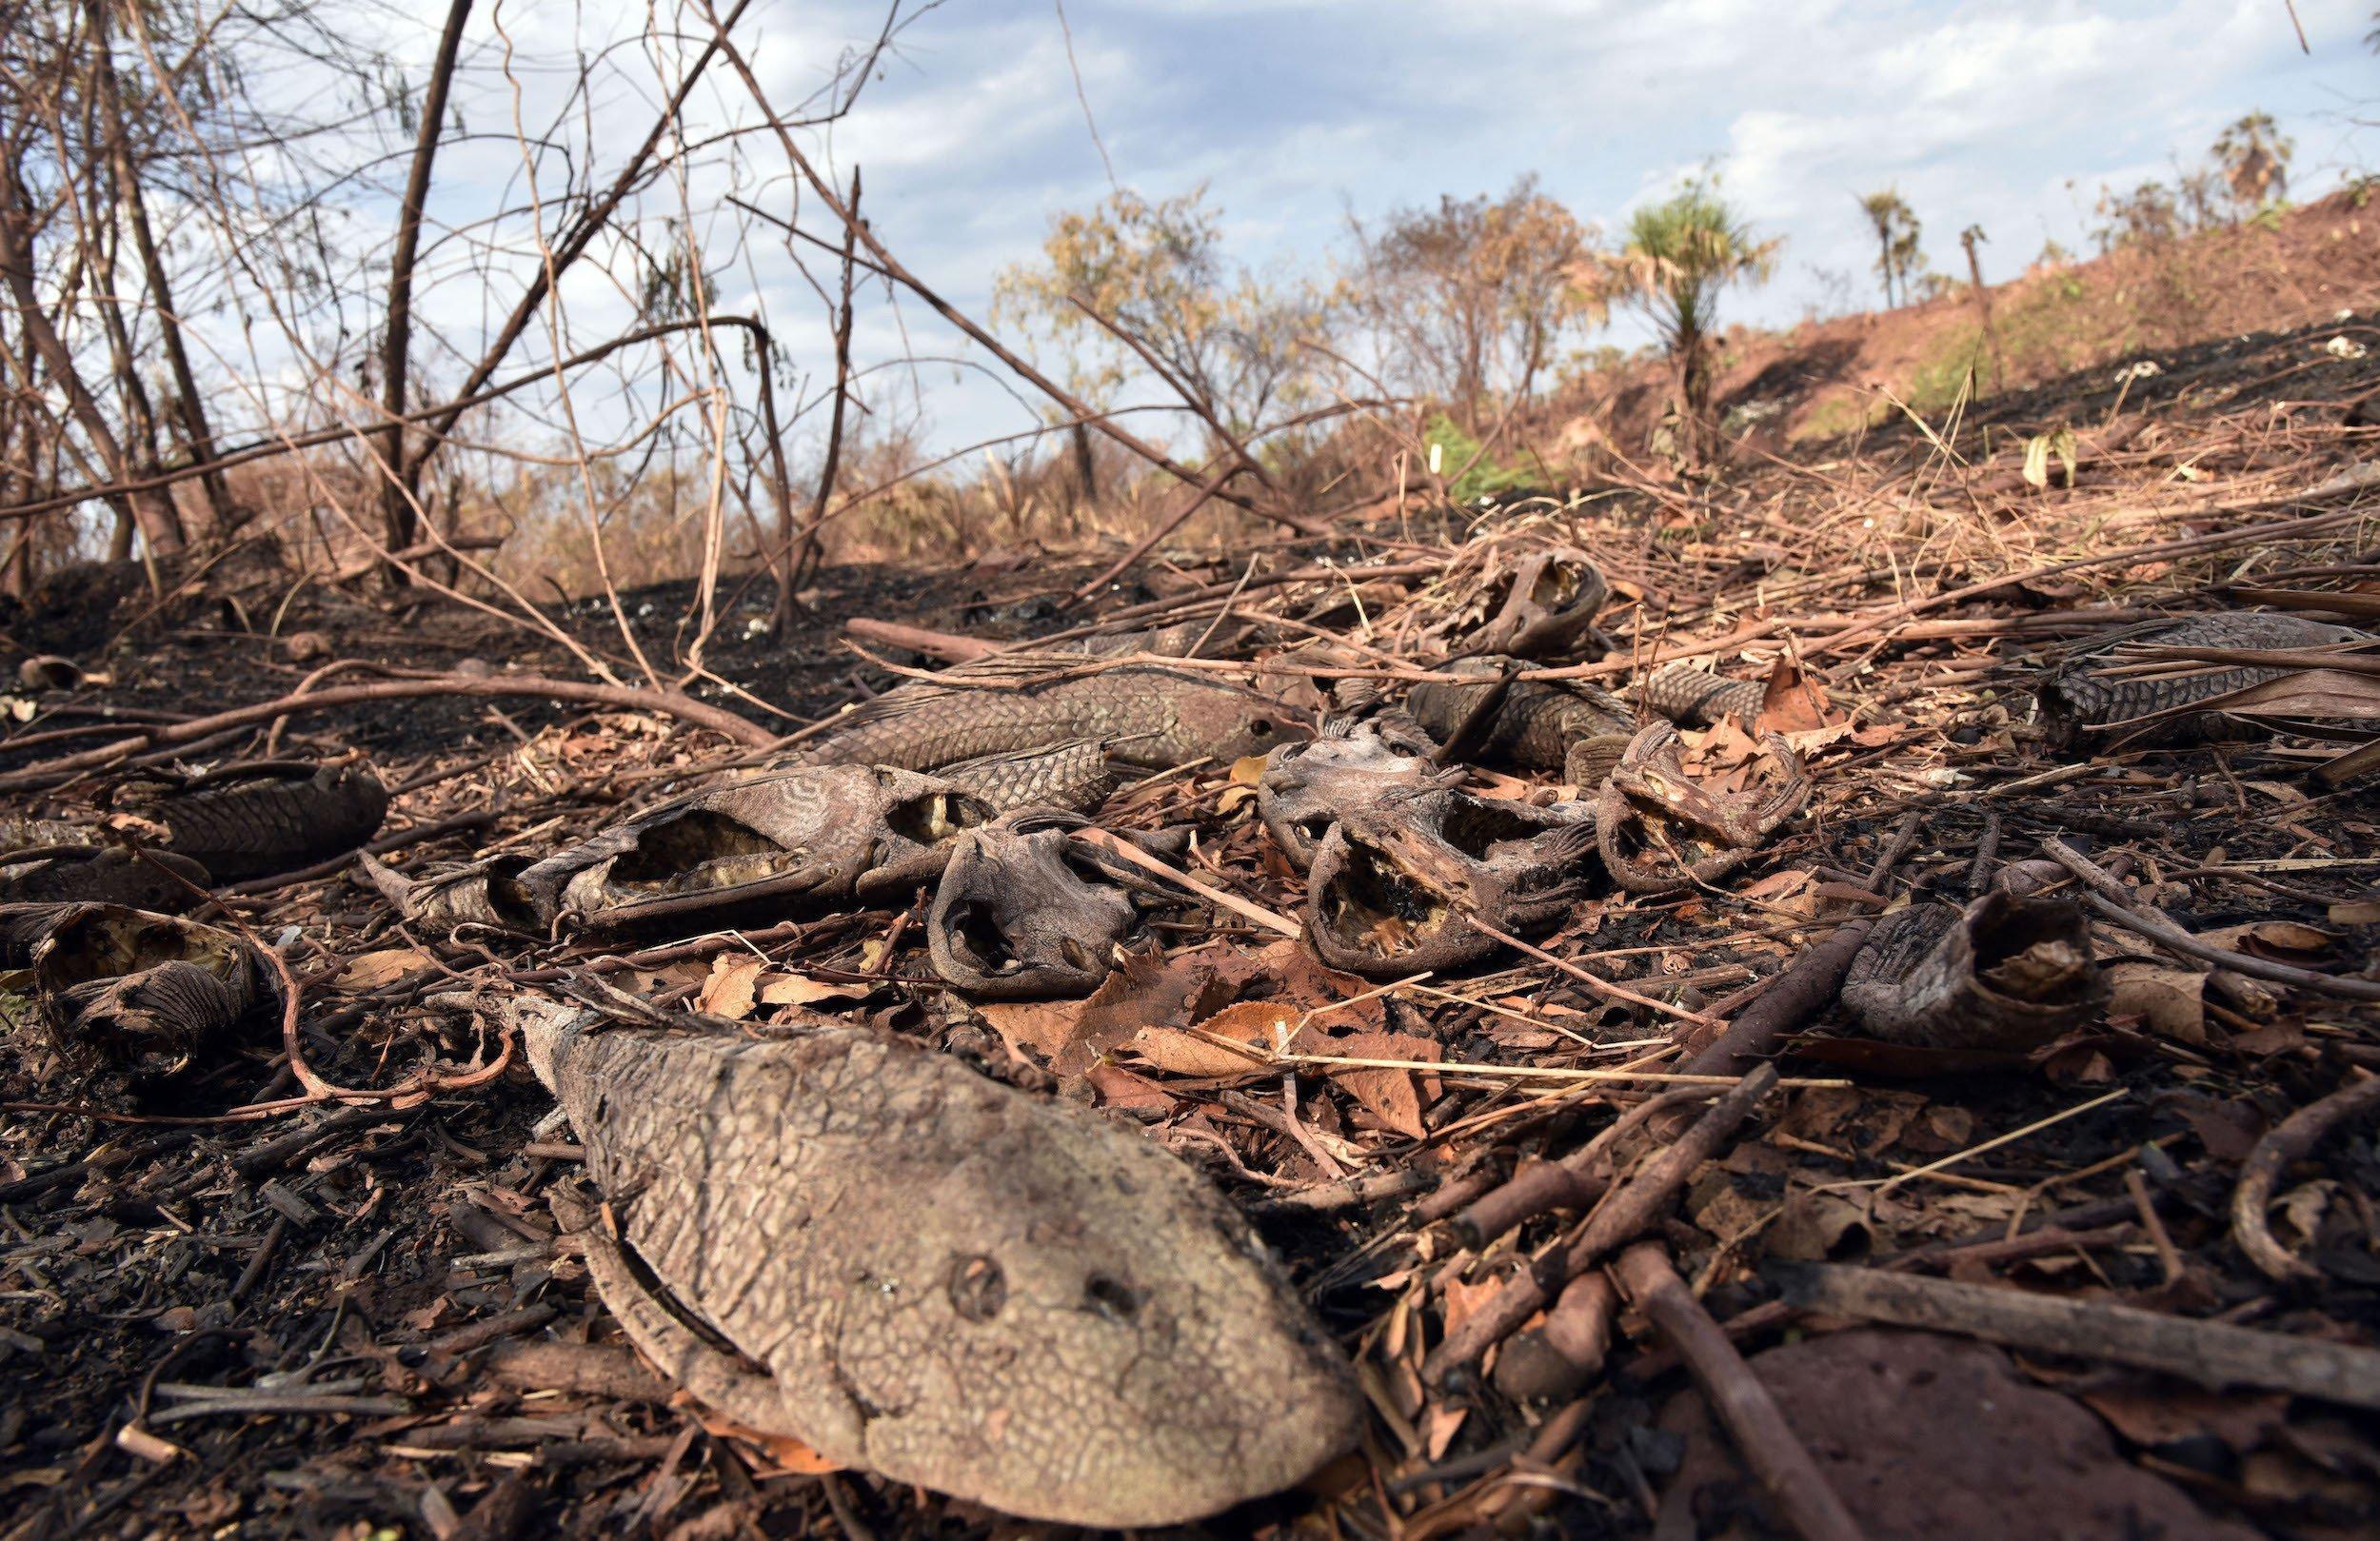 Ein toter Fisch und andere Kadaver in einem durch Feuer ausgetrockneten Gewässer – eine gespenstische Szenerie.